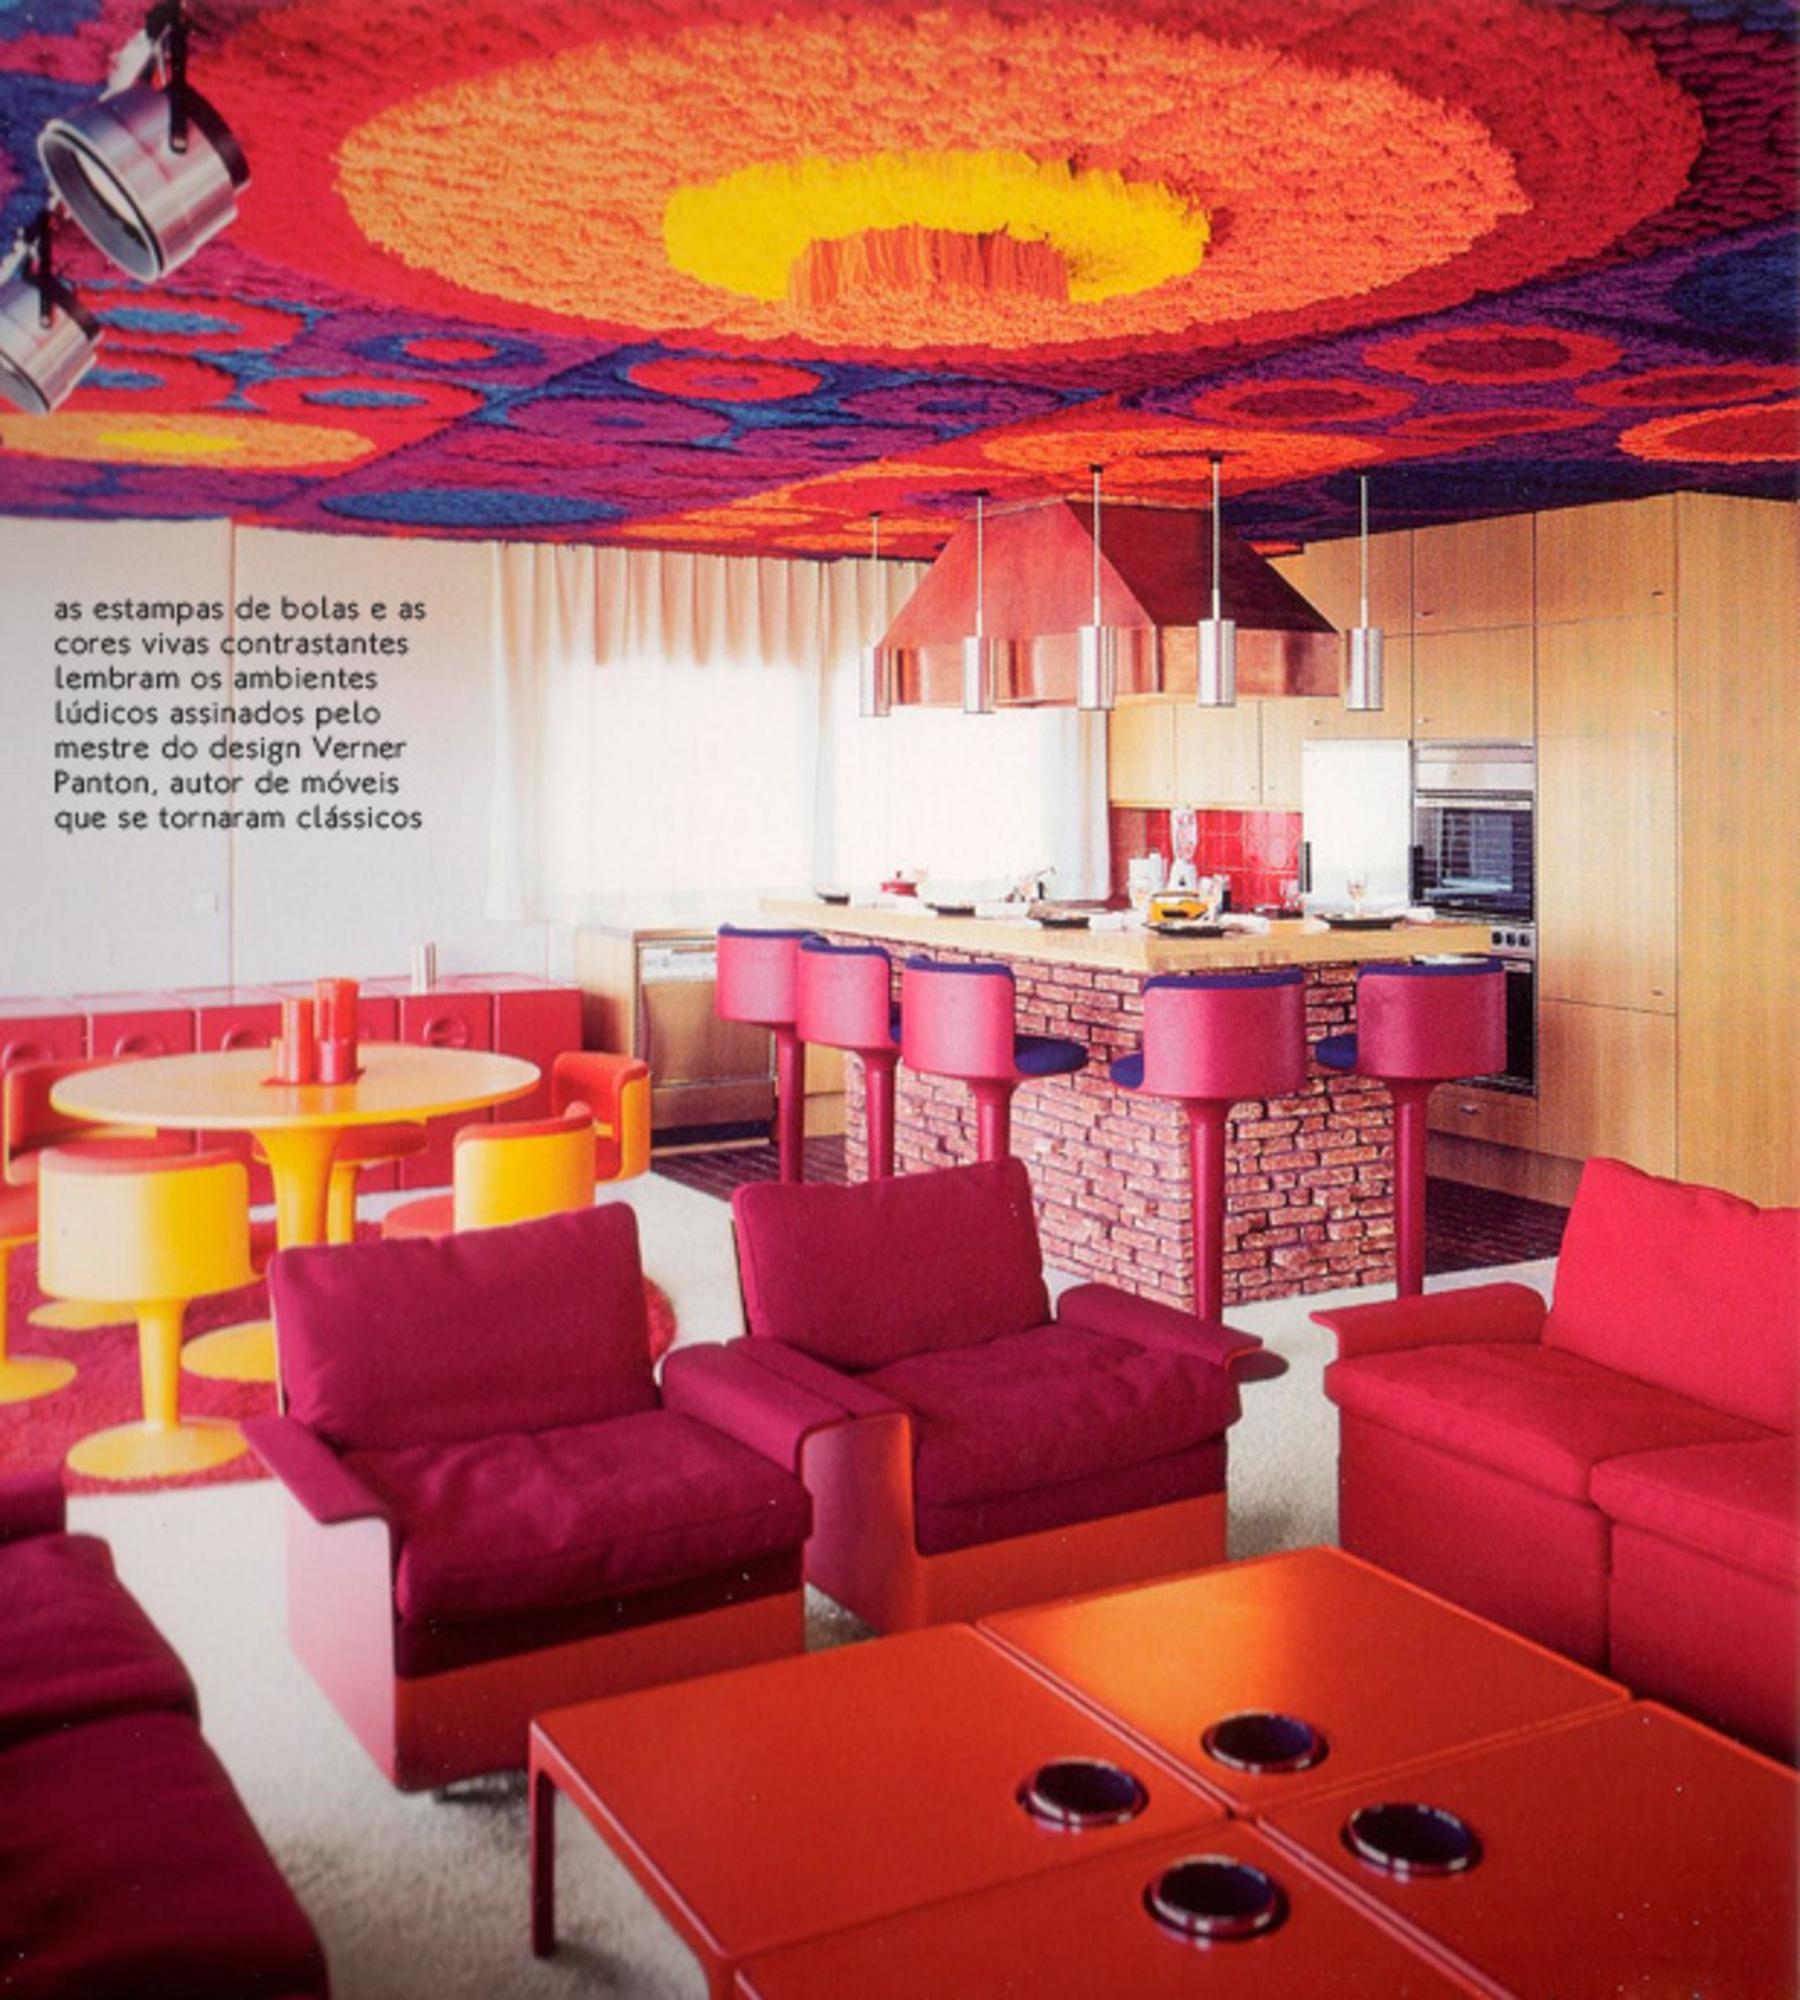 D cor psicod lico dos anos 60 casa de valentina for Diseno de interiores anos 70